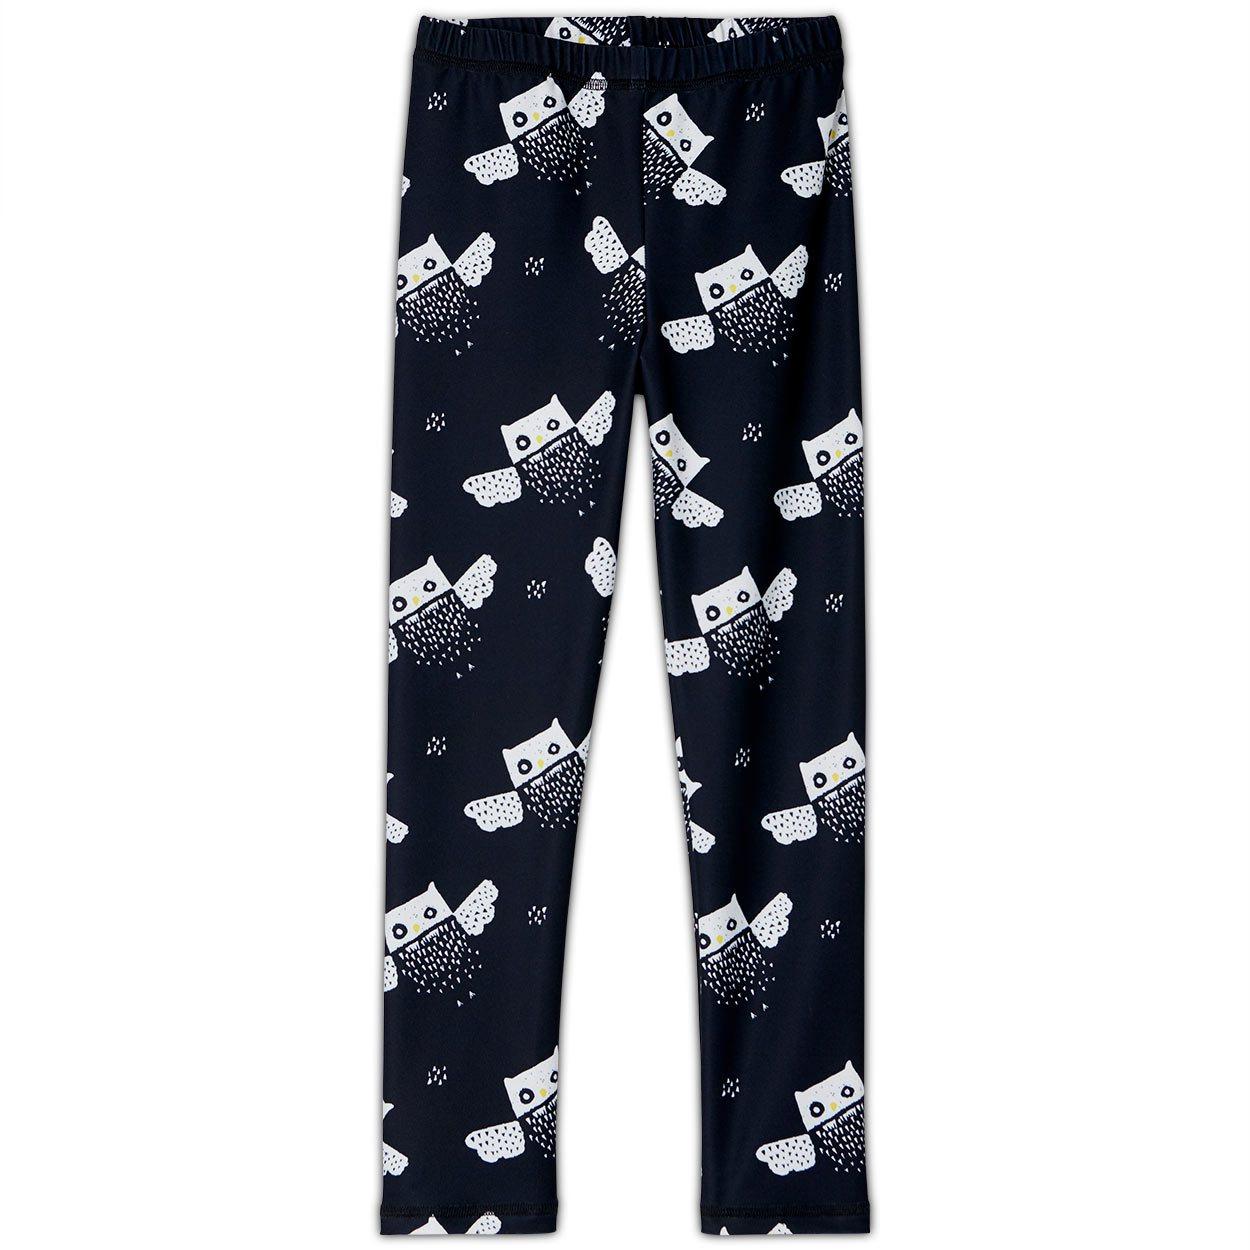 Owls Sunblocker Leggings Upf50 Black White Unisex Boys Girls Size 2 6 Sunpoplife